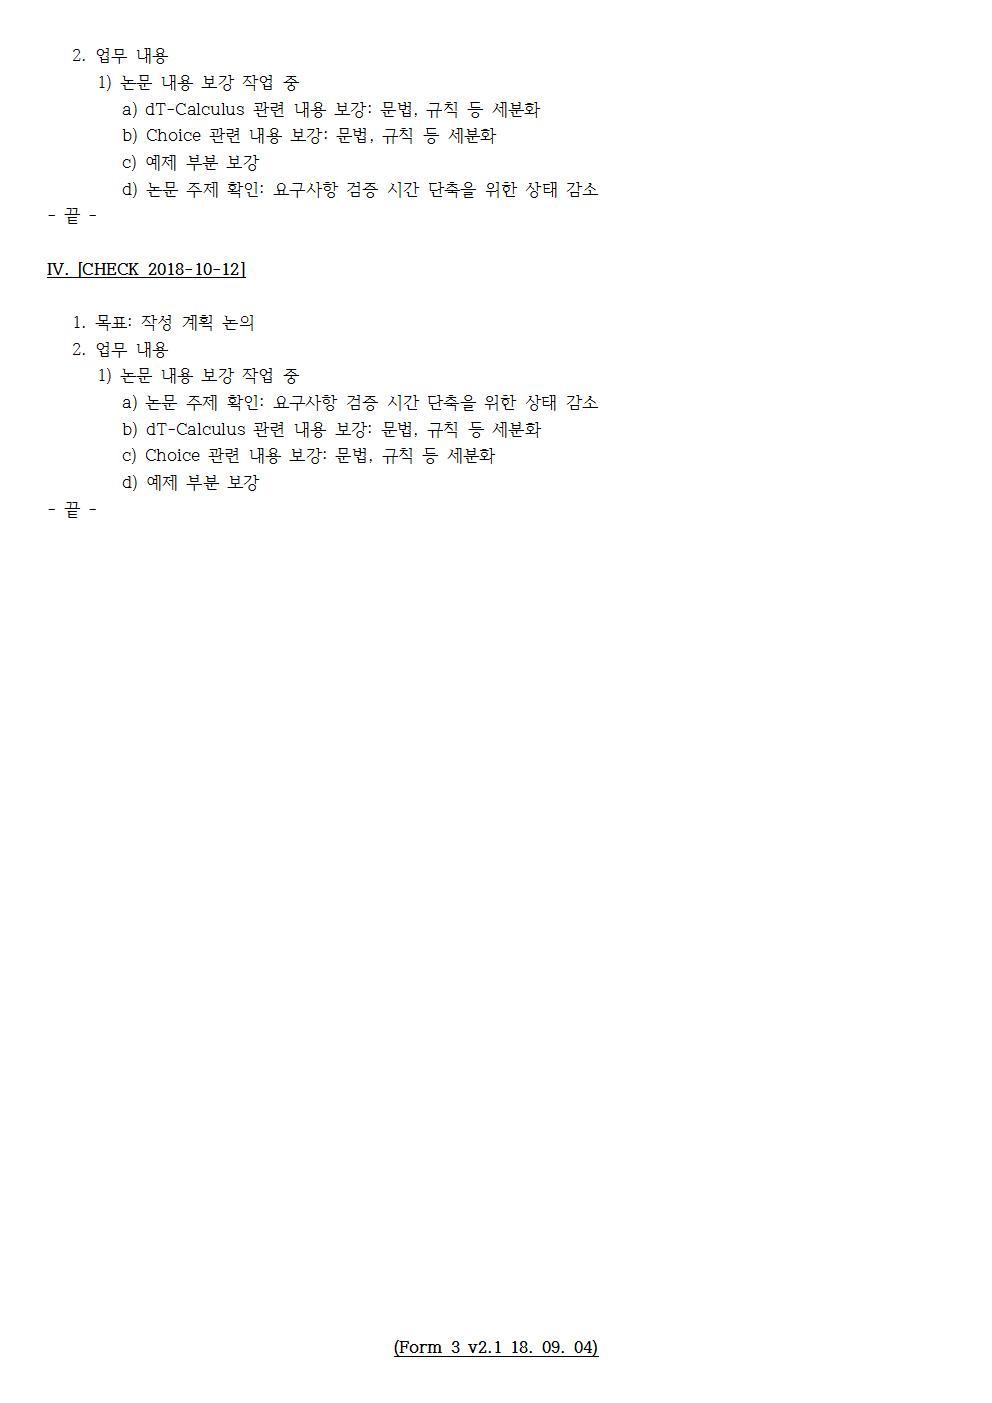 D-[18-009-PP-03]-[Choice]-[2018-10-12][YB]002.jpg